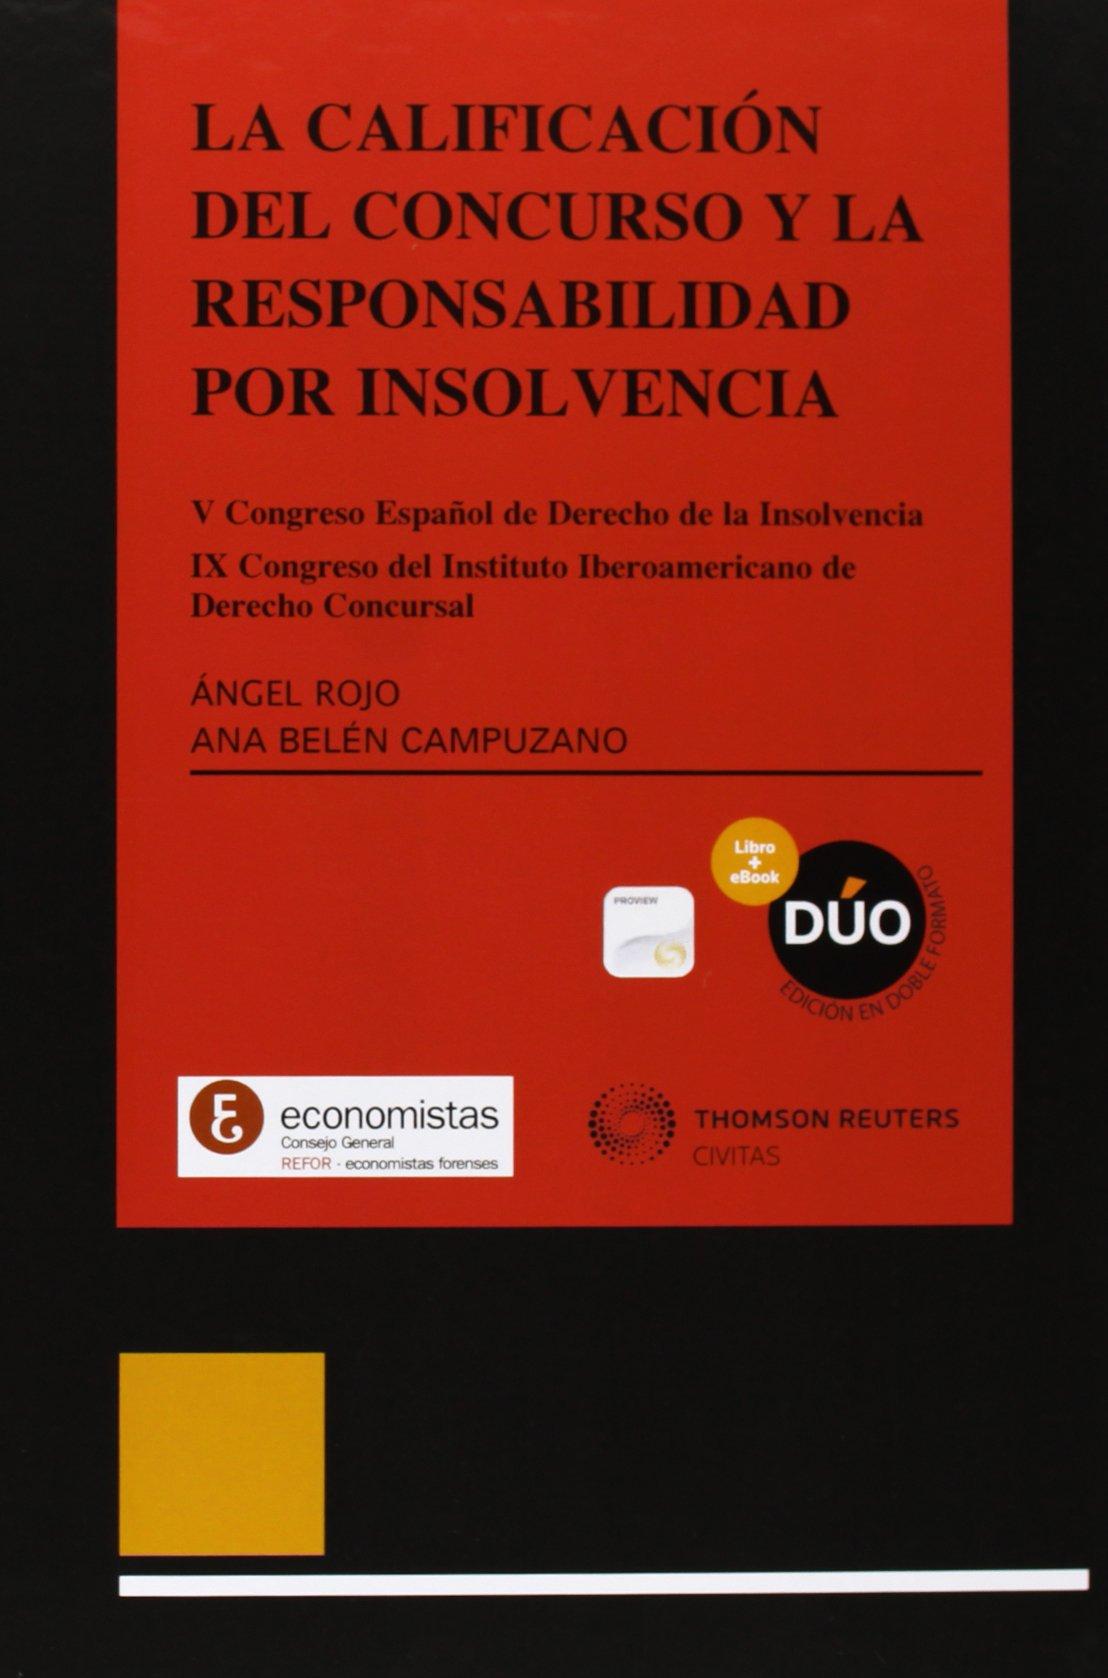 CALIFICACION DEL CONCURSO Y LA RESPONSABILIDAD POR INSOLVENCIA V CONGR PDF